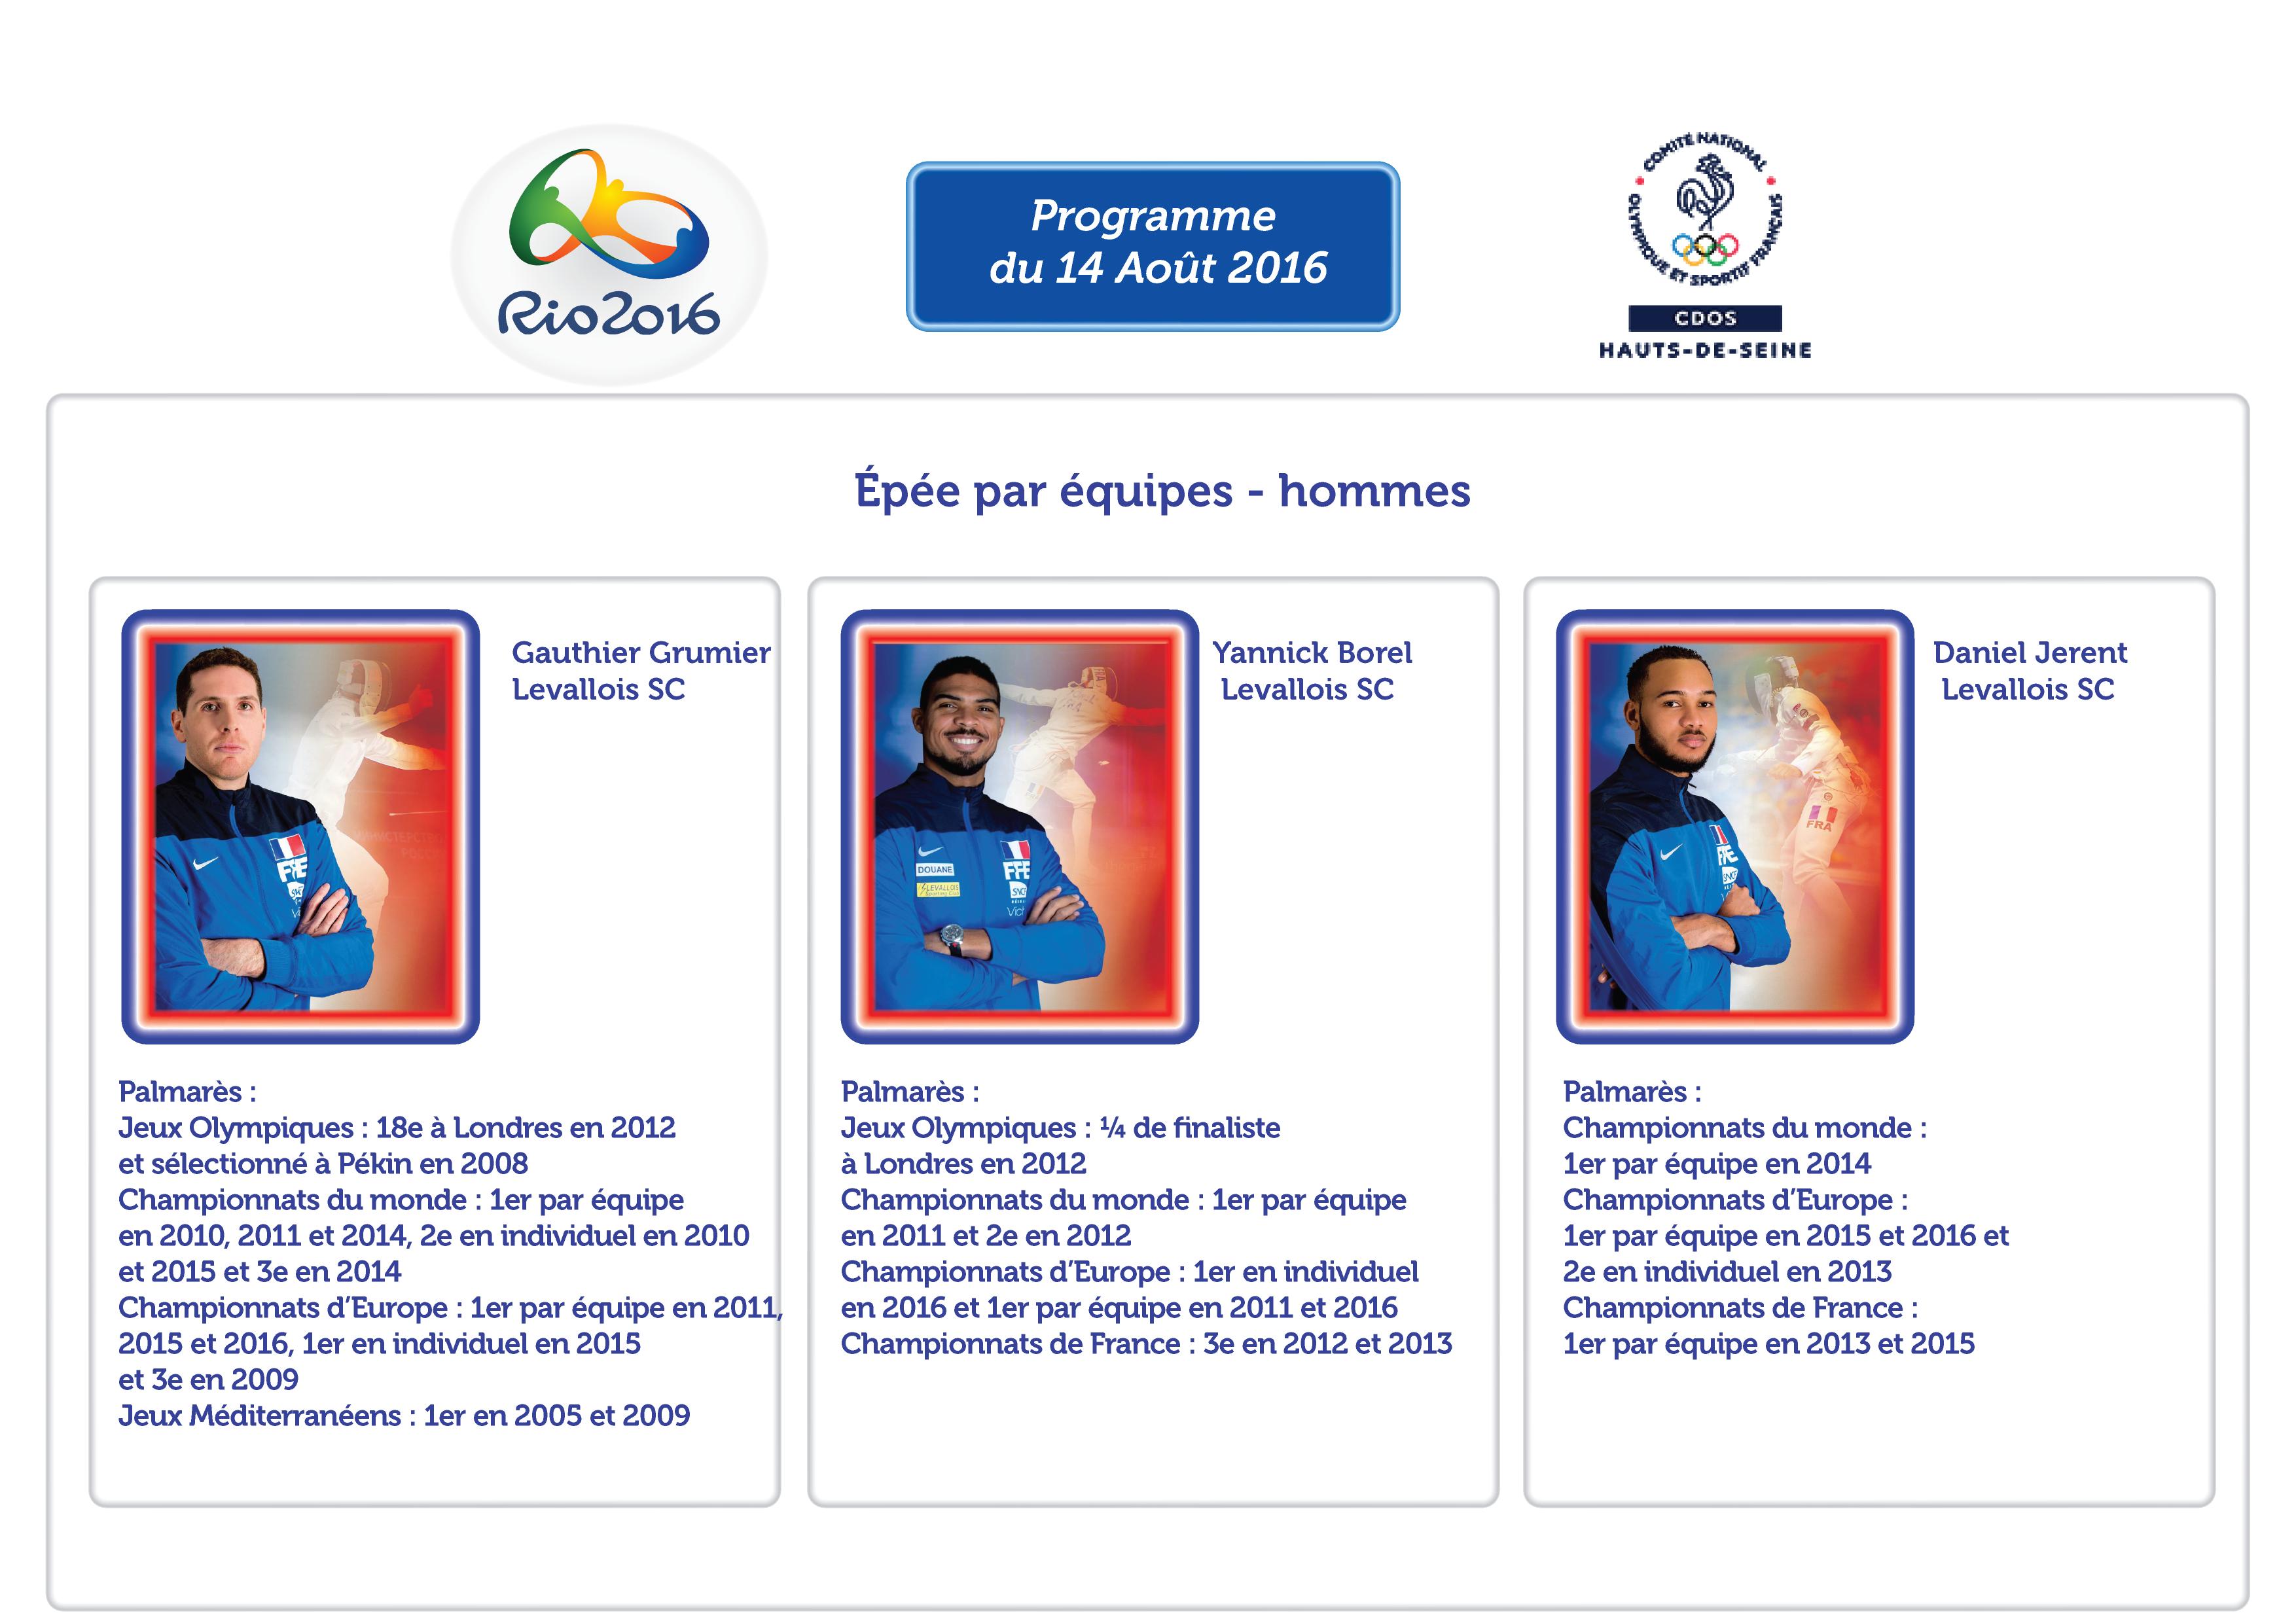 Programme des Athlètes Alto-Séquanais à RIO : 14 Août